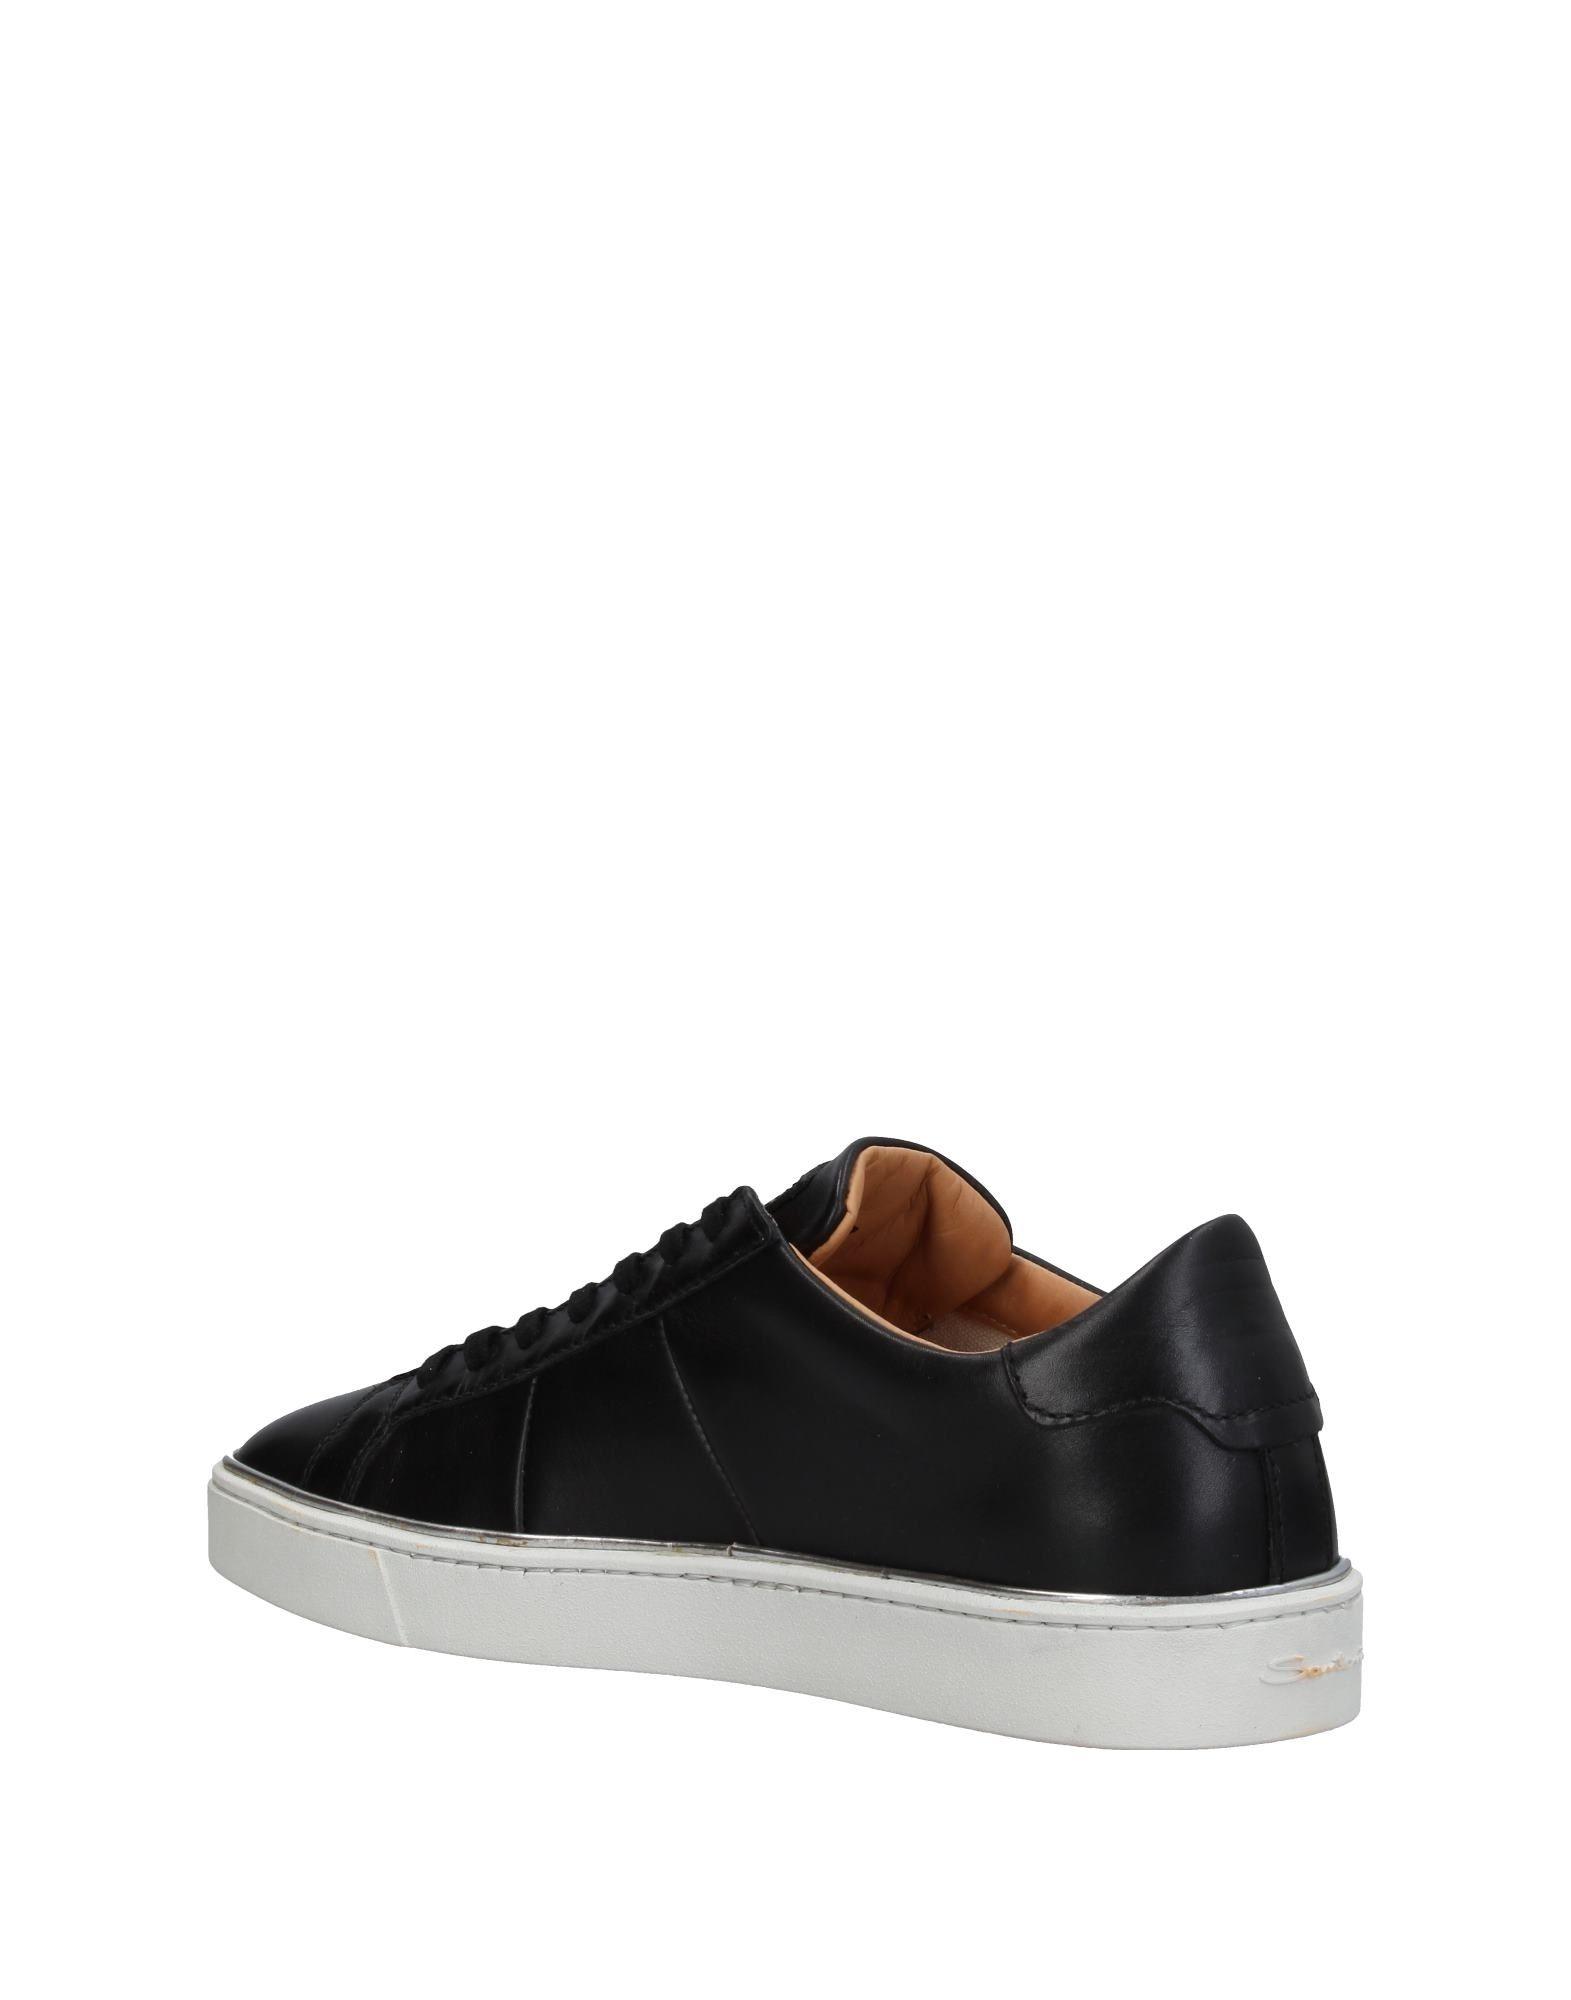 Santoni Sneakers Herren Gutes Preis-Leistungs-Verhältnis, lohnt es lohnt Preis-Leistungs-Verhältnis, sich b862fb